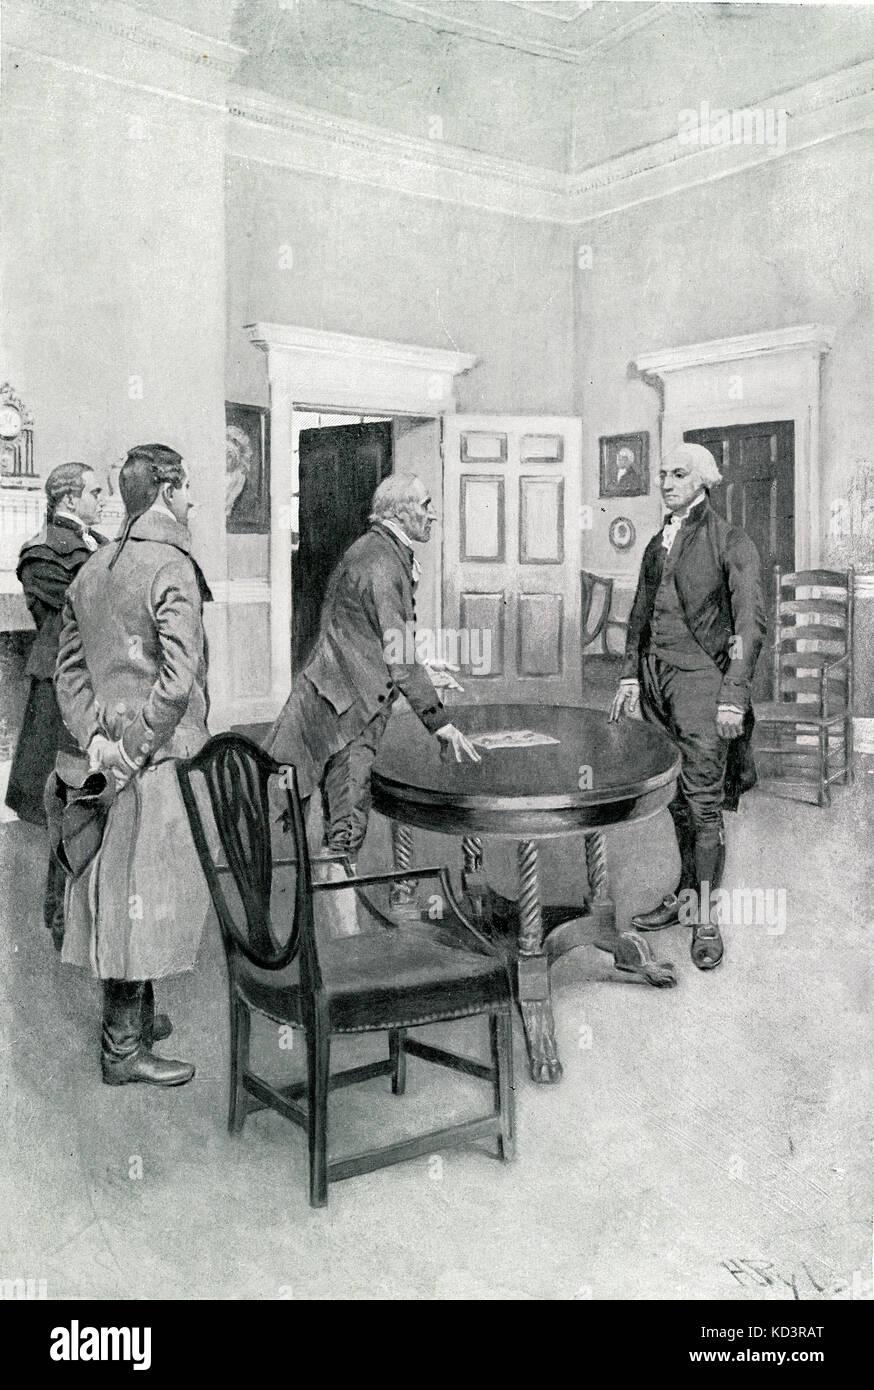 Charles Thompson annuncia a George Washington la sua elezione come primo presidente degli Stati Uniti a Mount Vernon, 1789. Illustrazione di Howard Pyle, 1896 Foto Stock